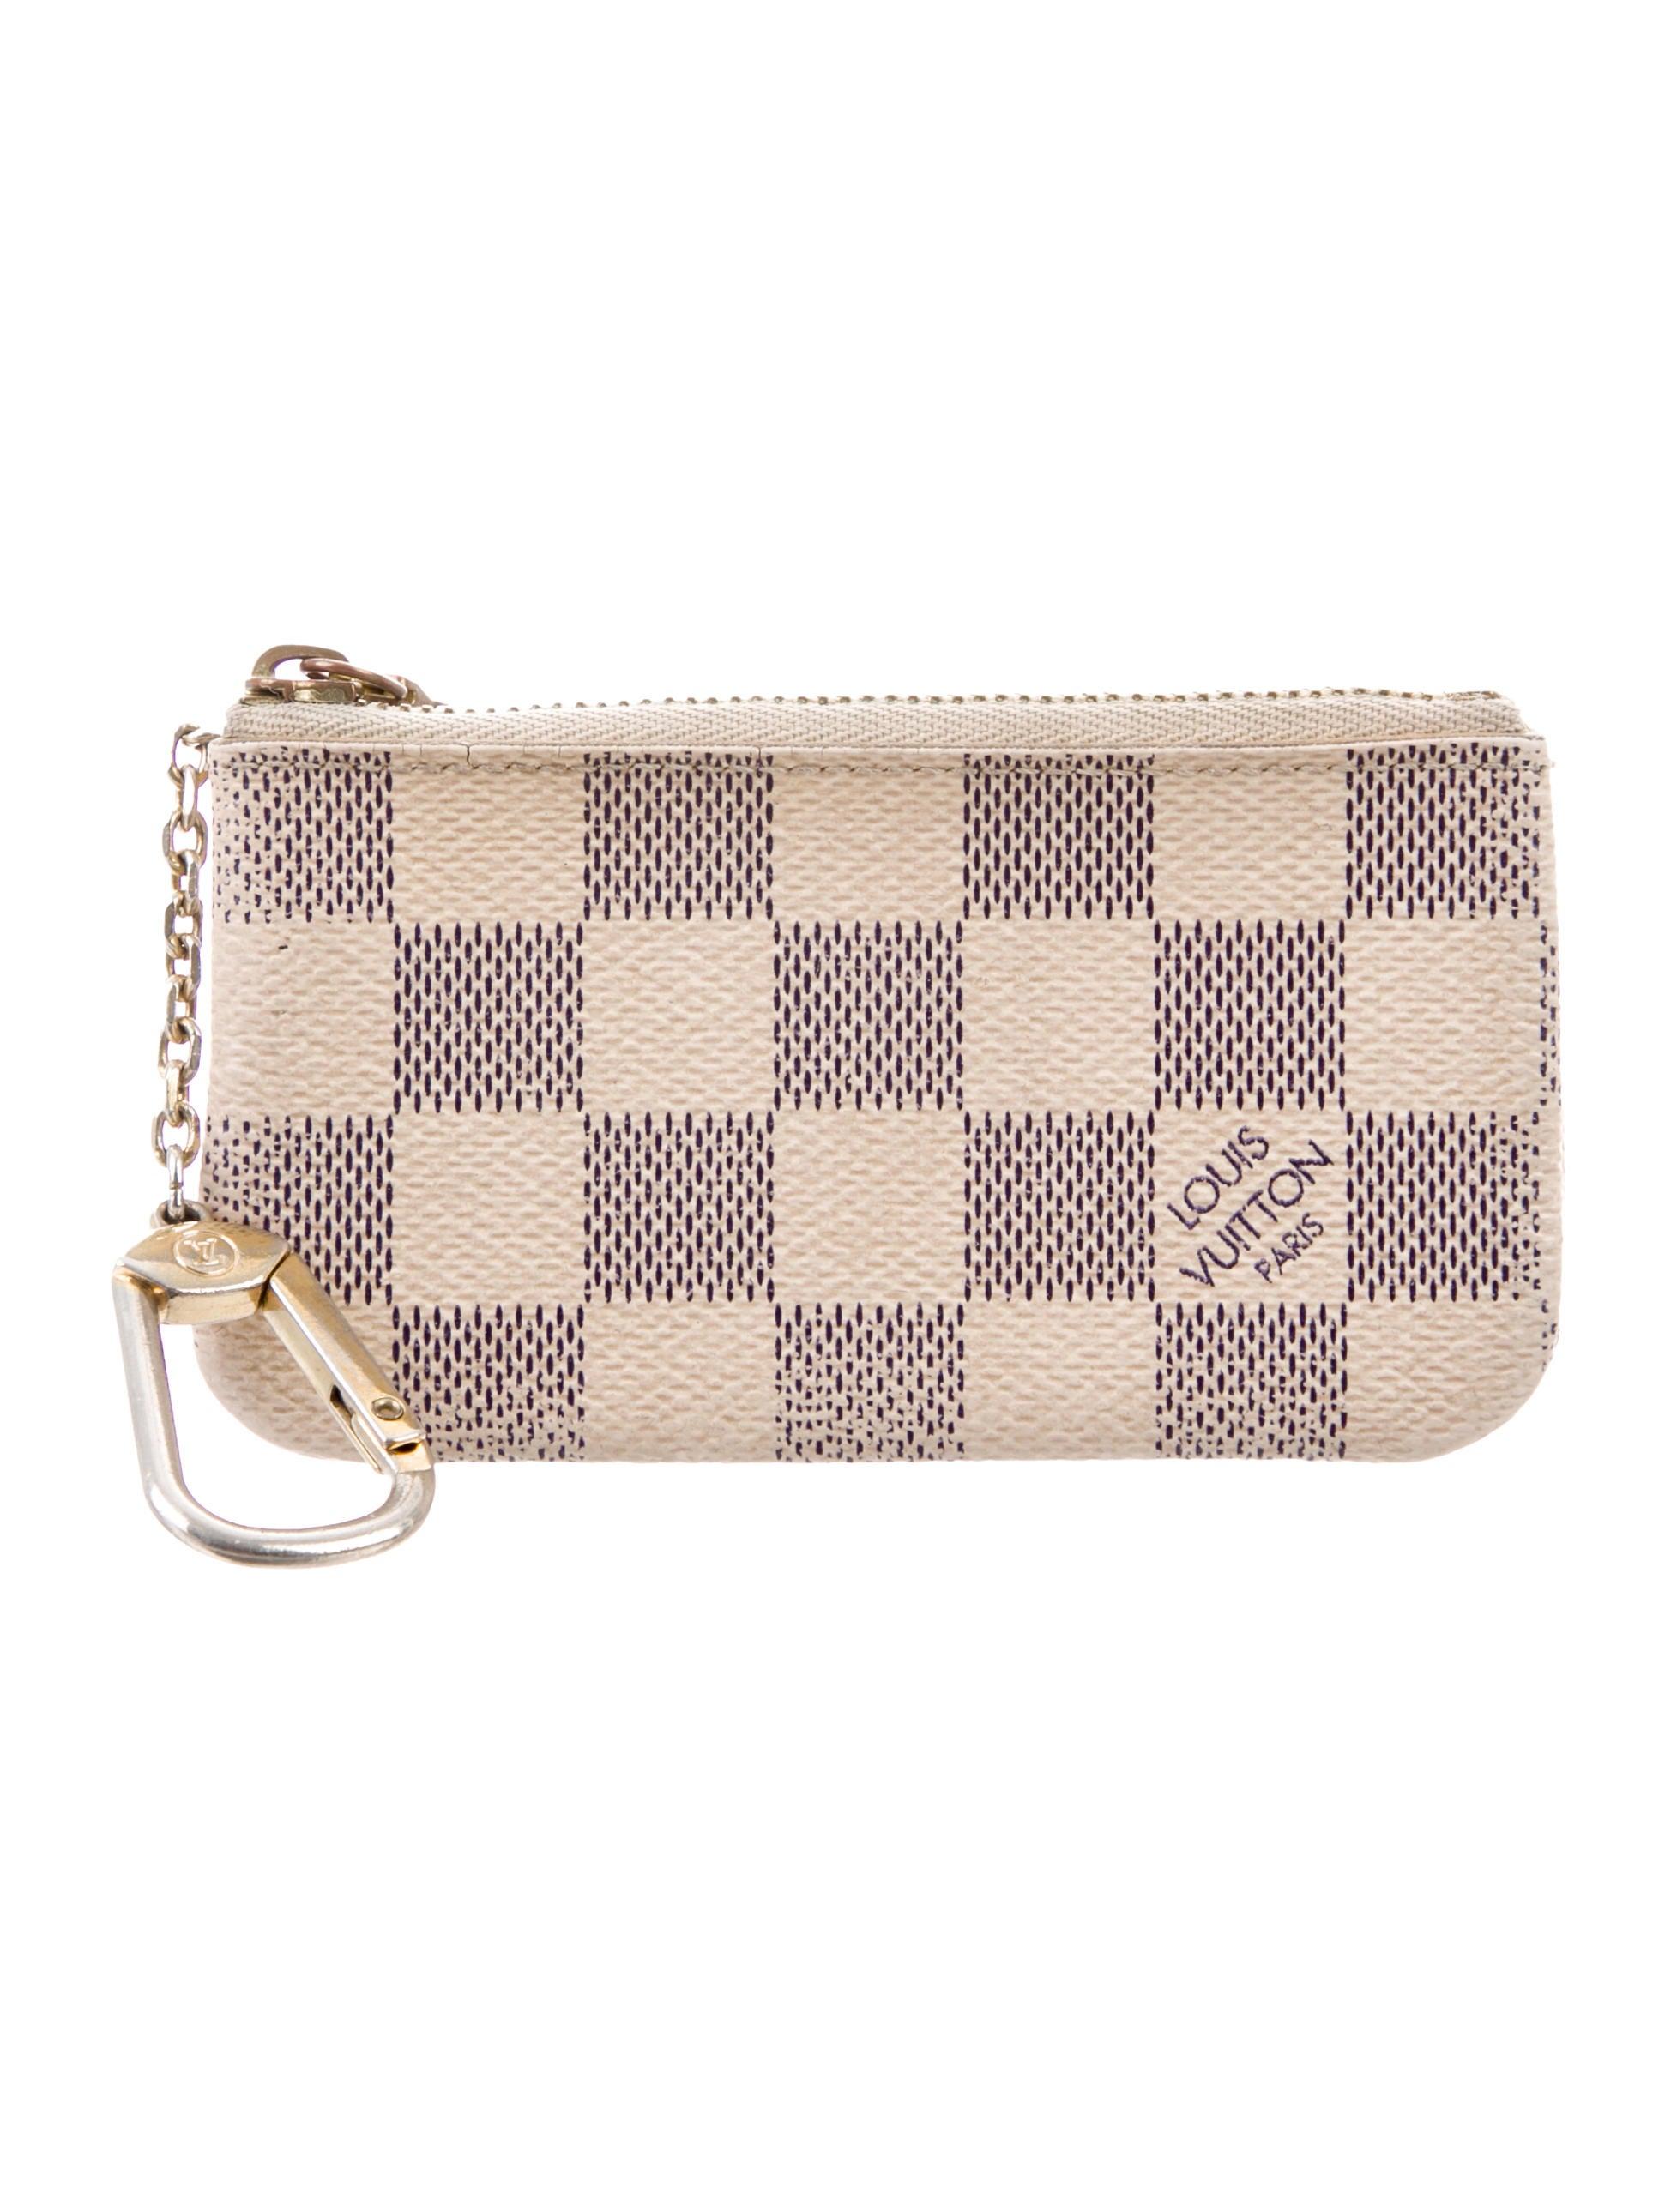 6d2dedcddd44 Louis Vuitton Damier Azur Key Pouch - Accessories - LOU219842